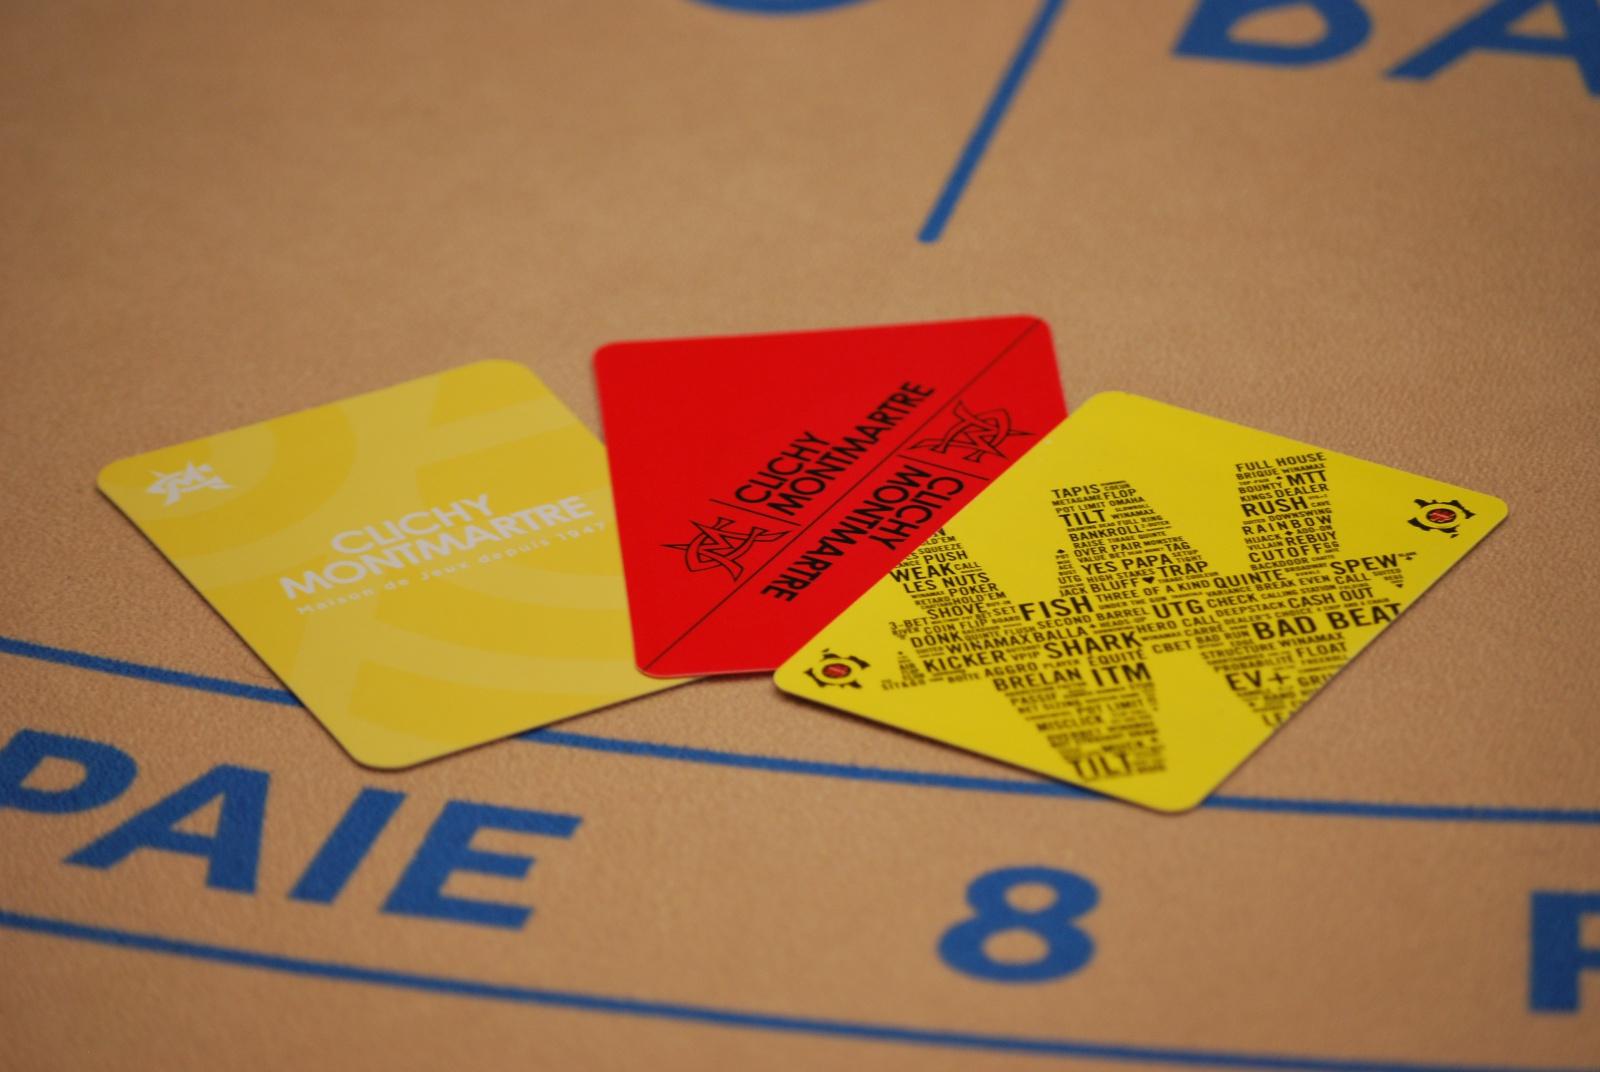 60957b44a39dd_cutcards.thumb.JPG.9c29a9e4bc7e06e2a3f67e970dda2ba9.JPG